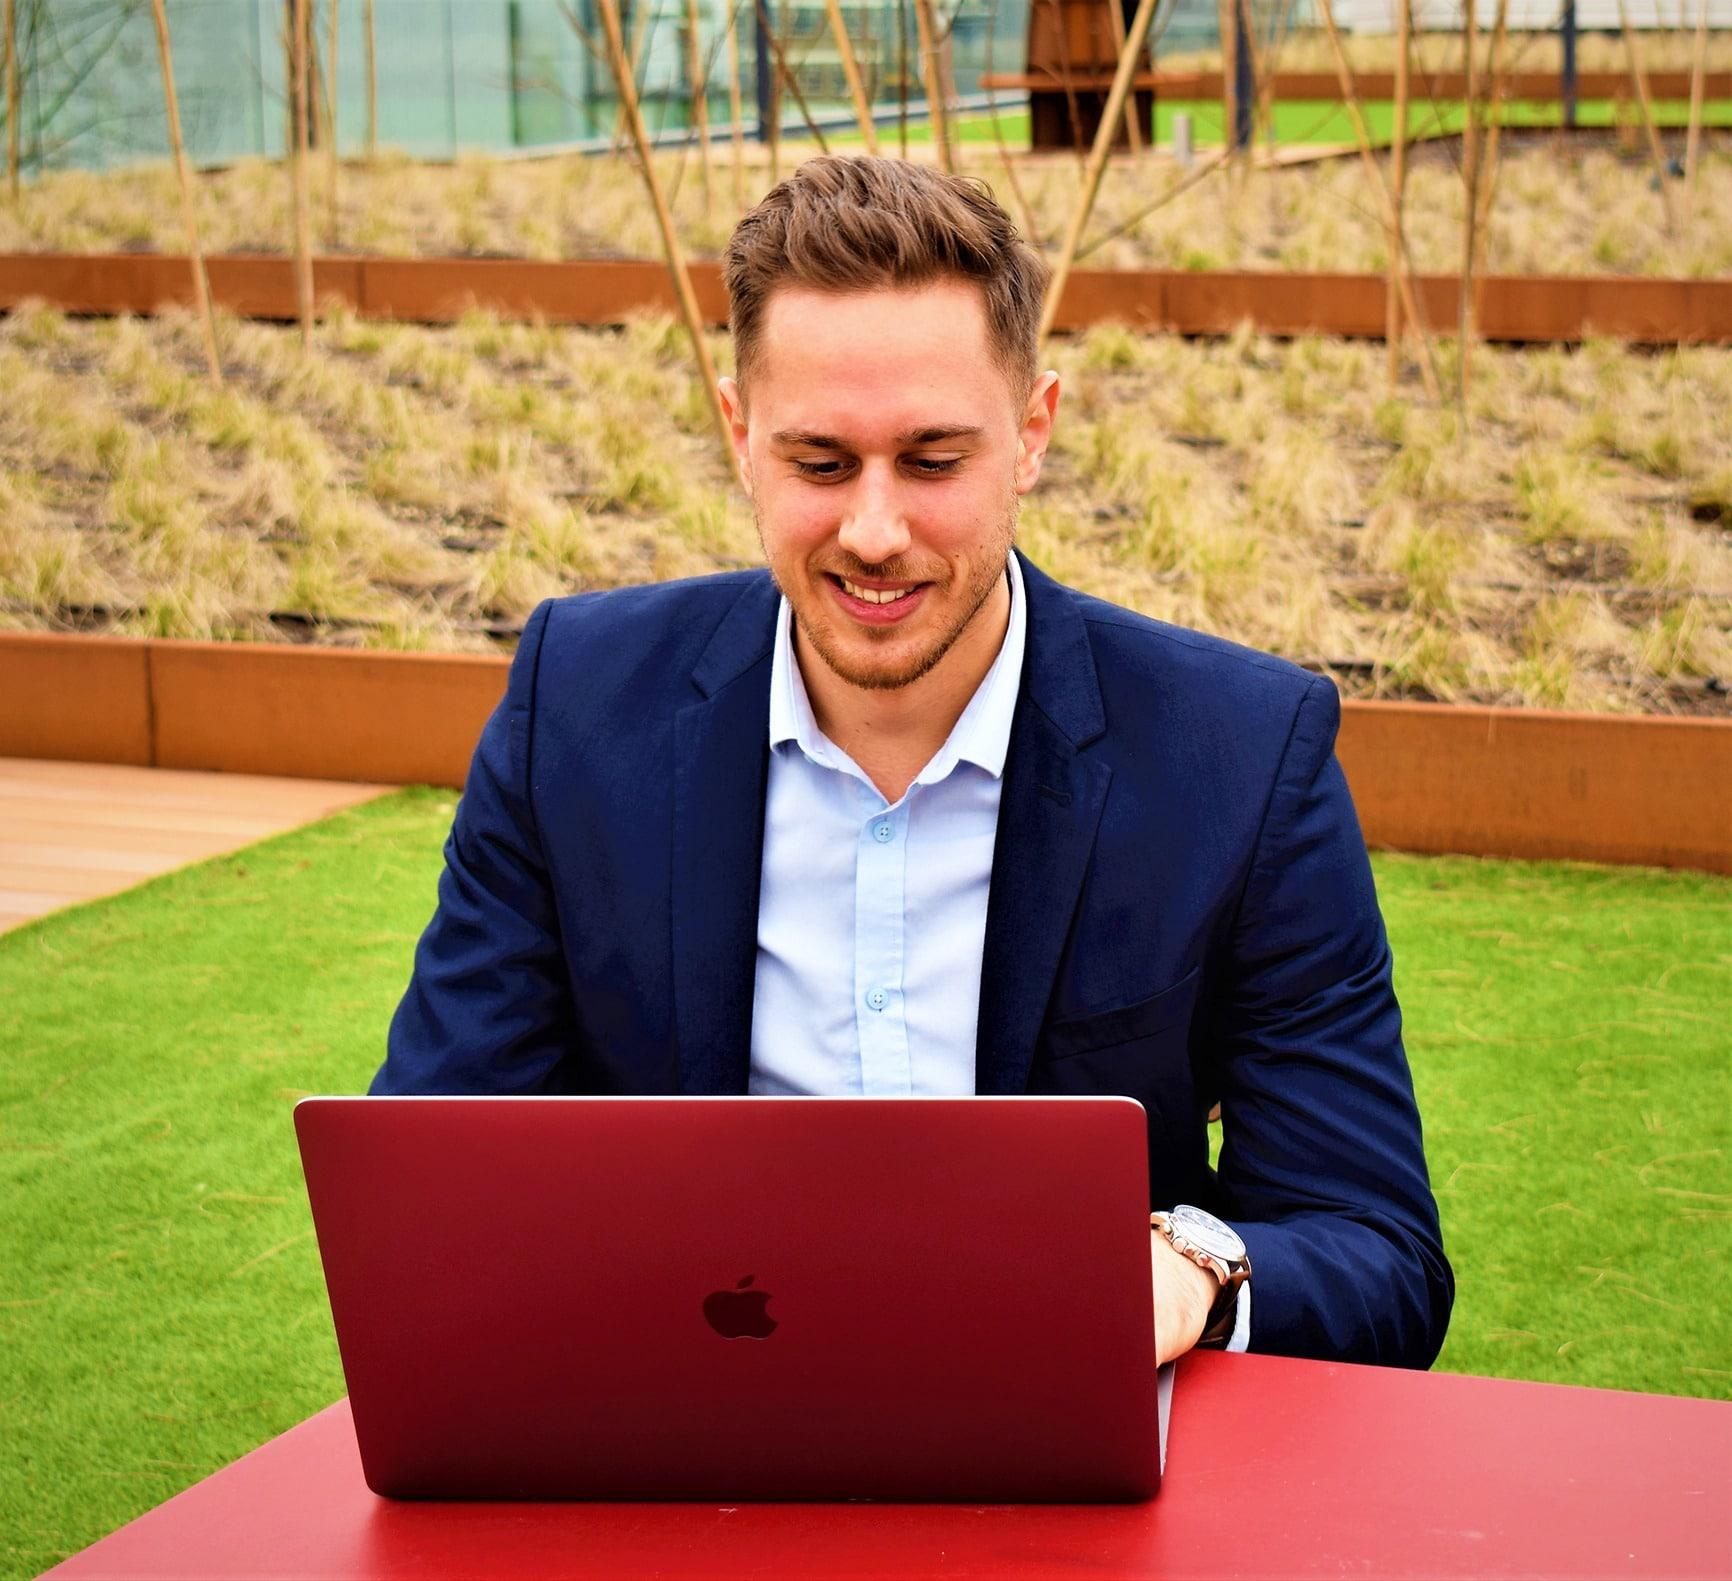 Mr Online Marketing gaat graag aan de slag voor jouw bedrijf!